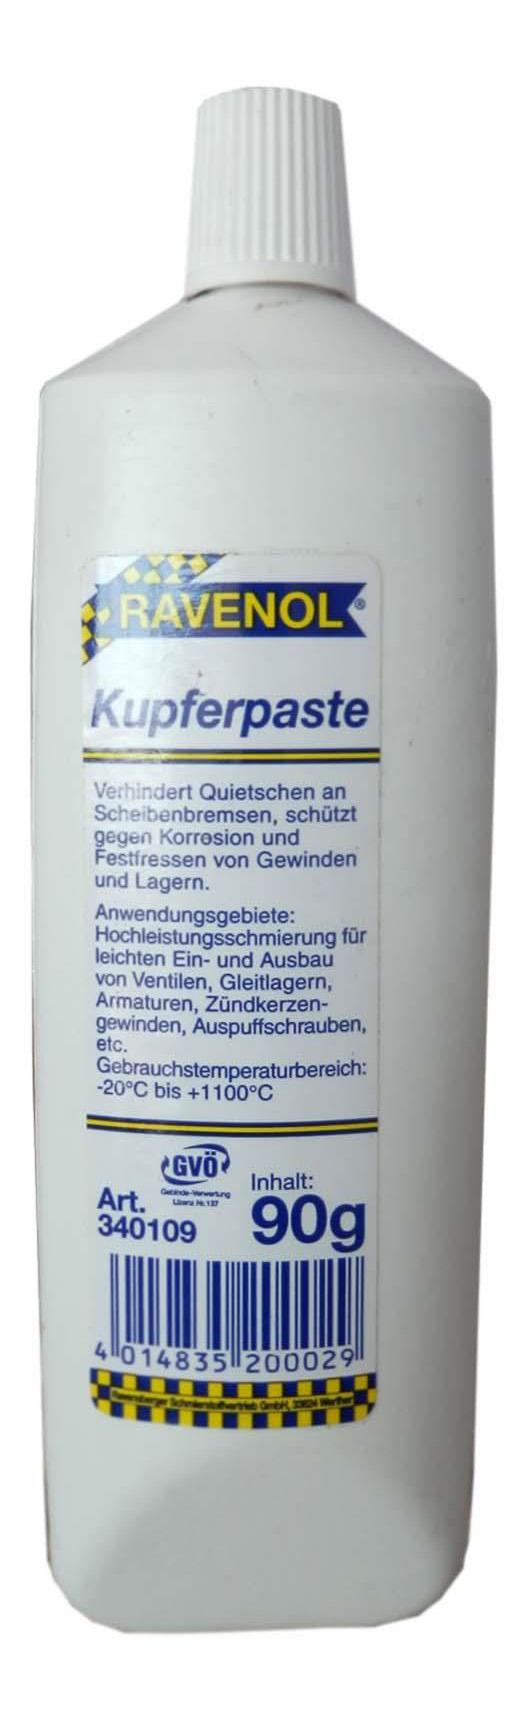 Смазка с медью RAVENOL Kupferpaste 90 г